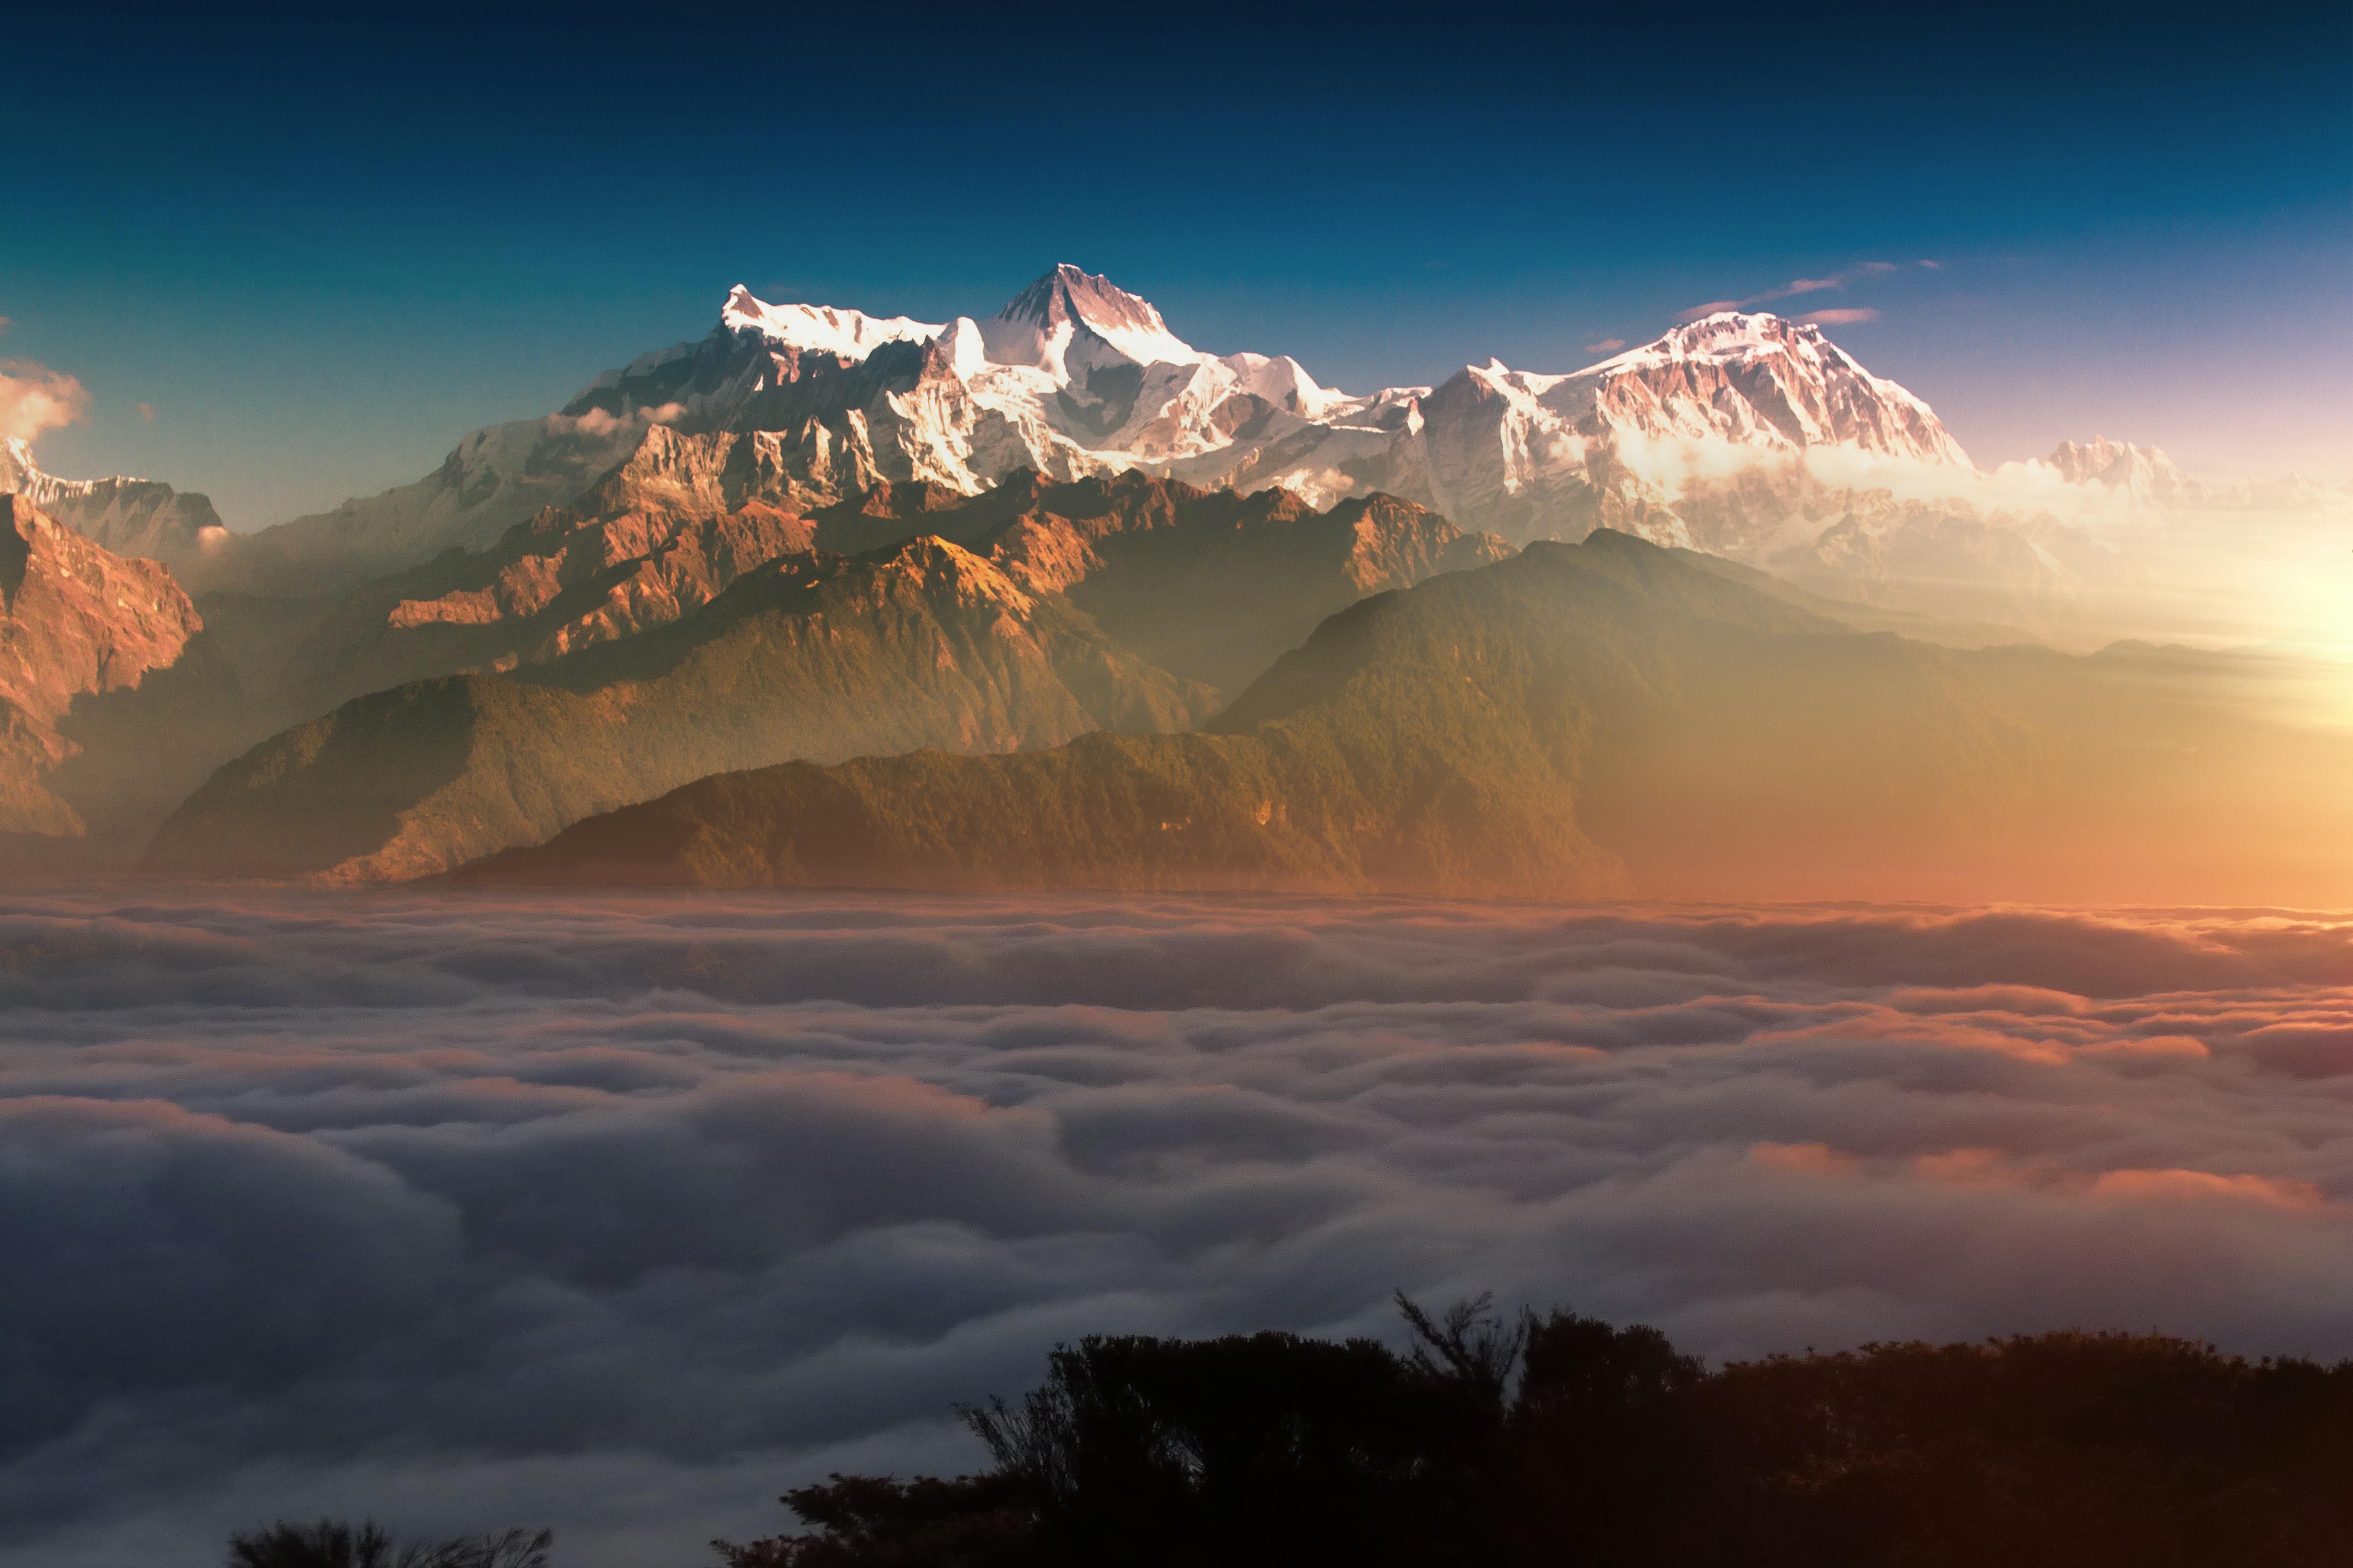 1920x1080 Mountain Landscape Clouds 8k Laptop Full HD ...